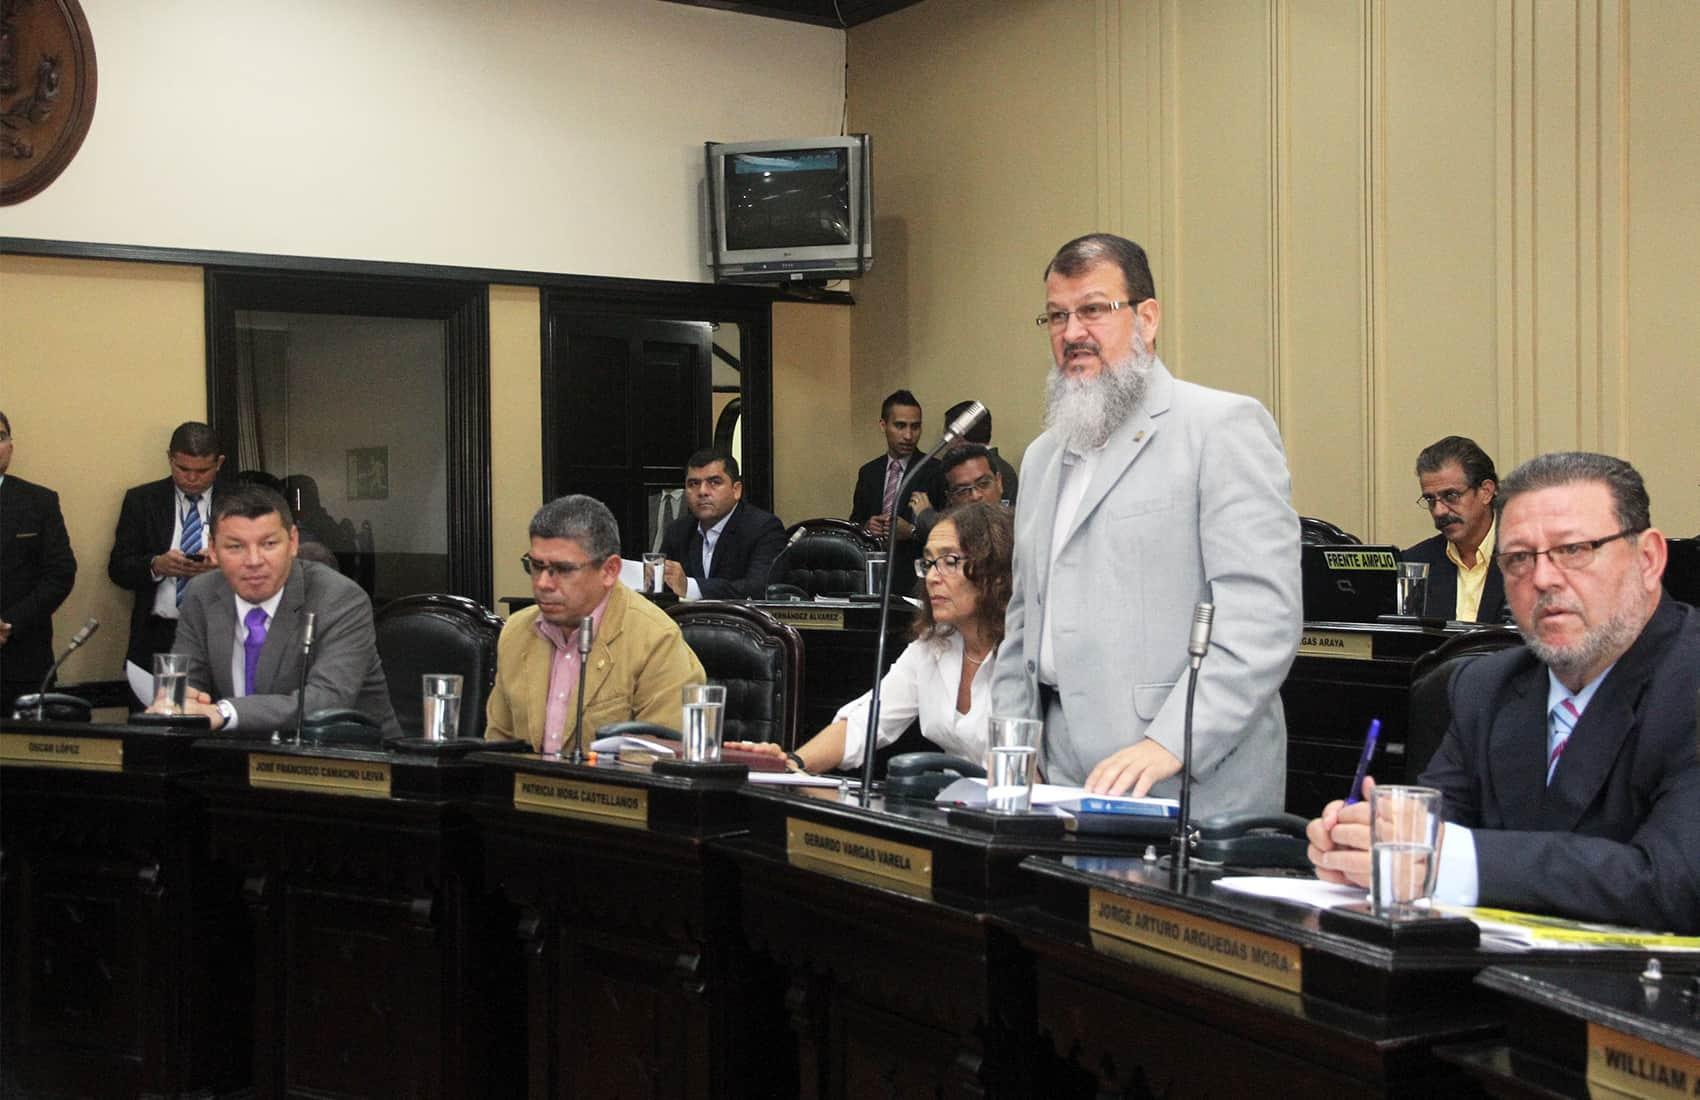 Broad Front top lawmaker Gerardo Vargas